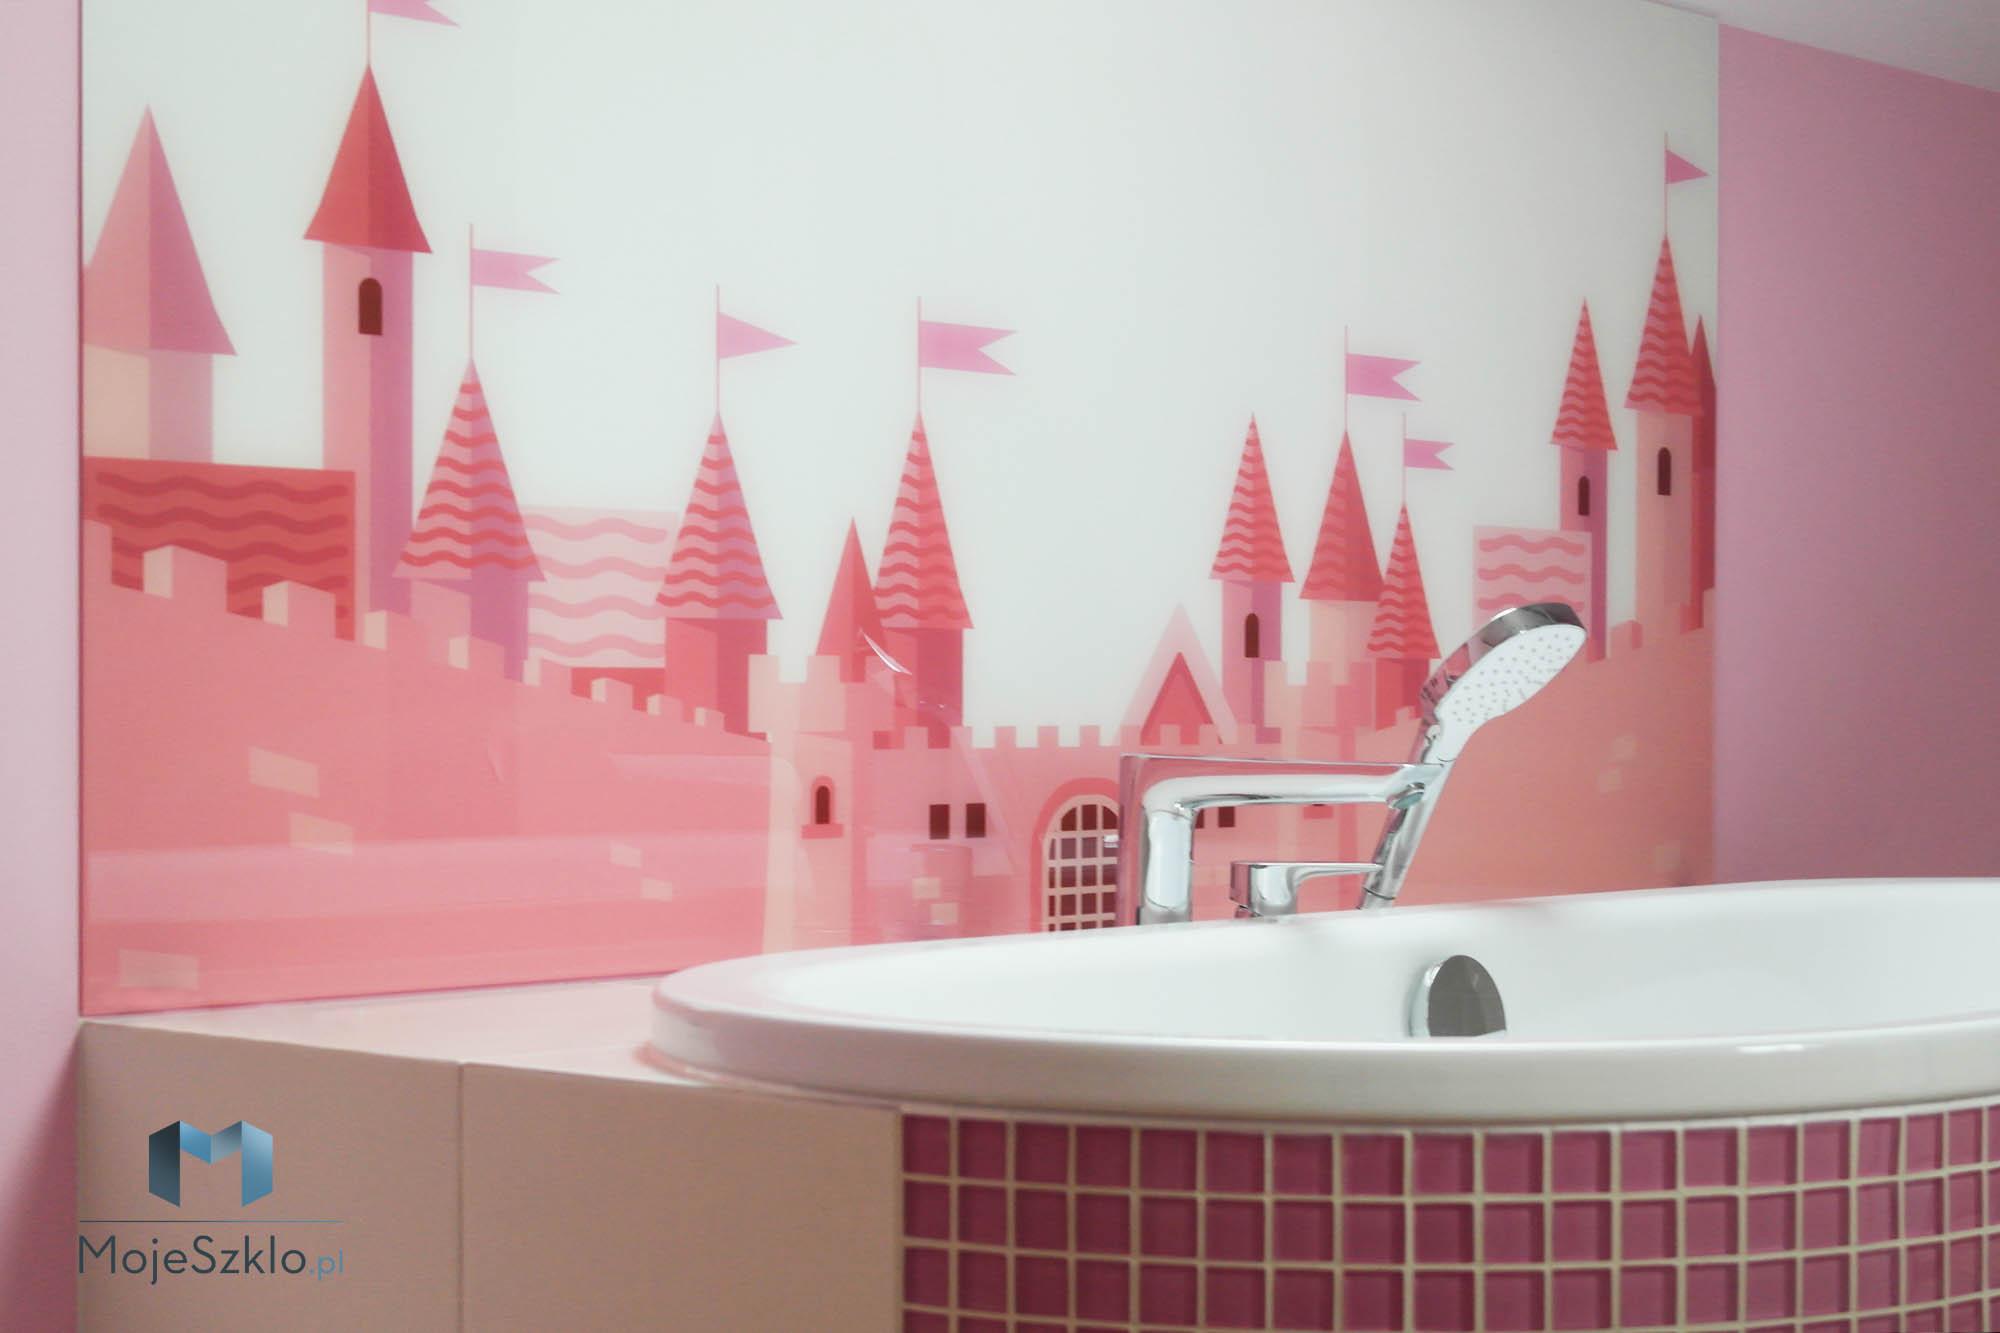 Panele Szklane Do Lazienki Rozowe - Kolorowe szkło (Lacobel) w łazience